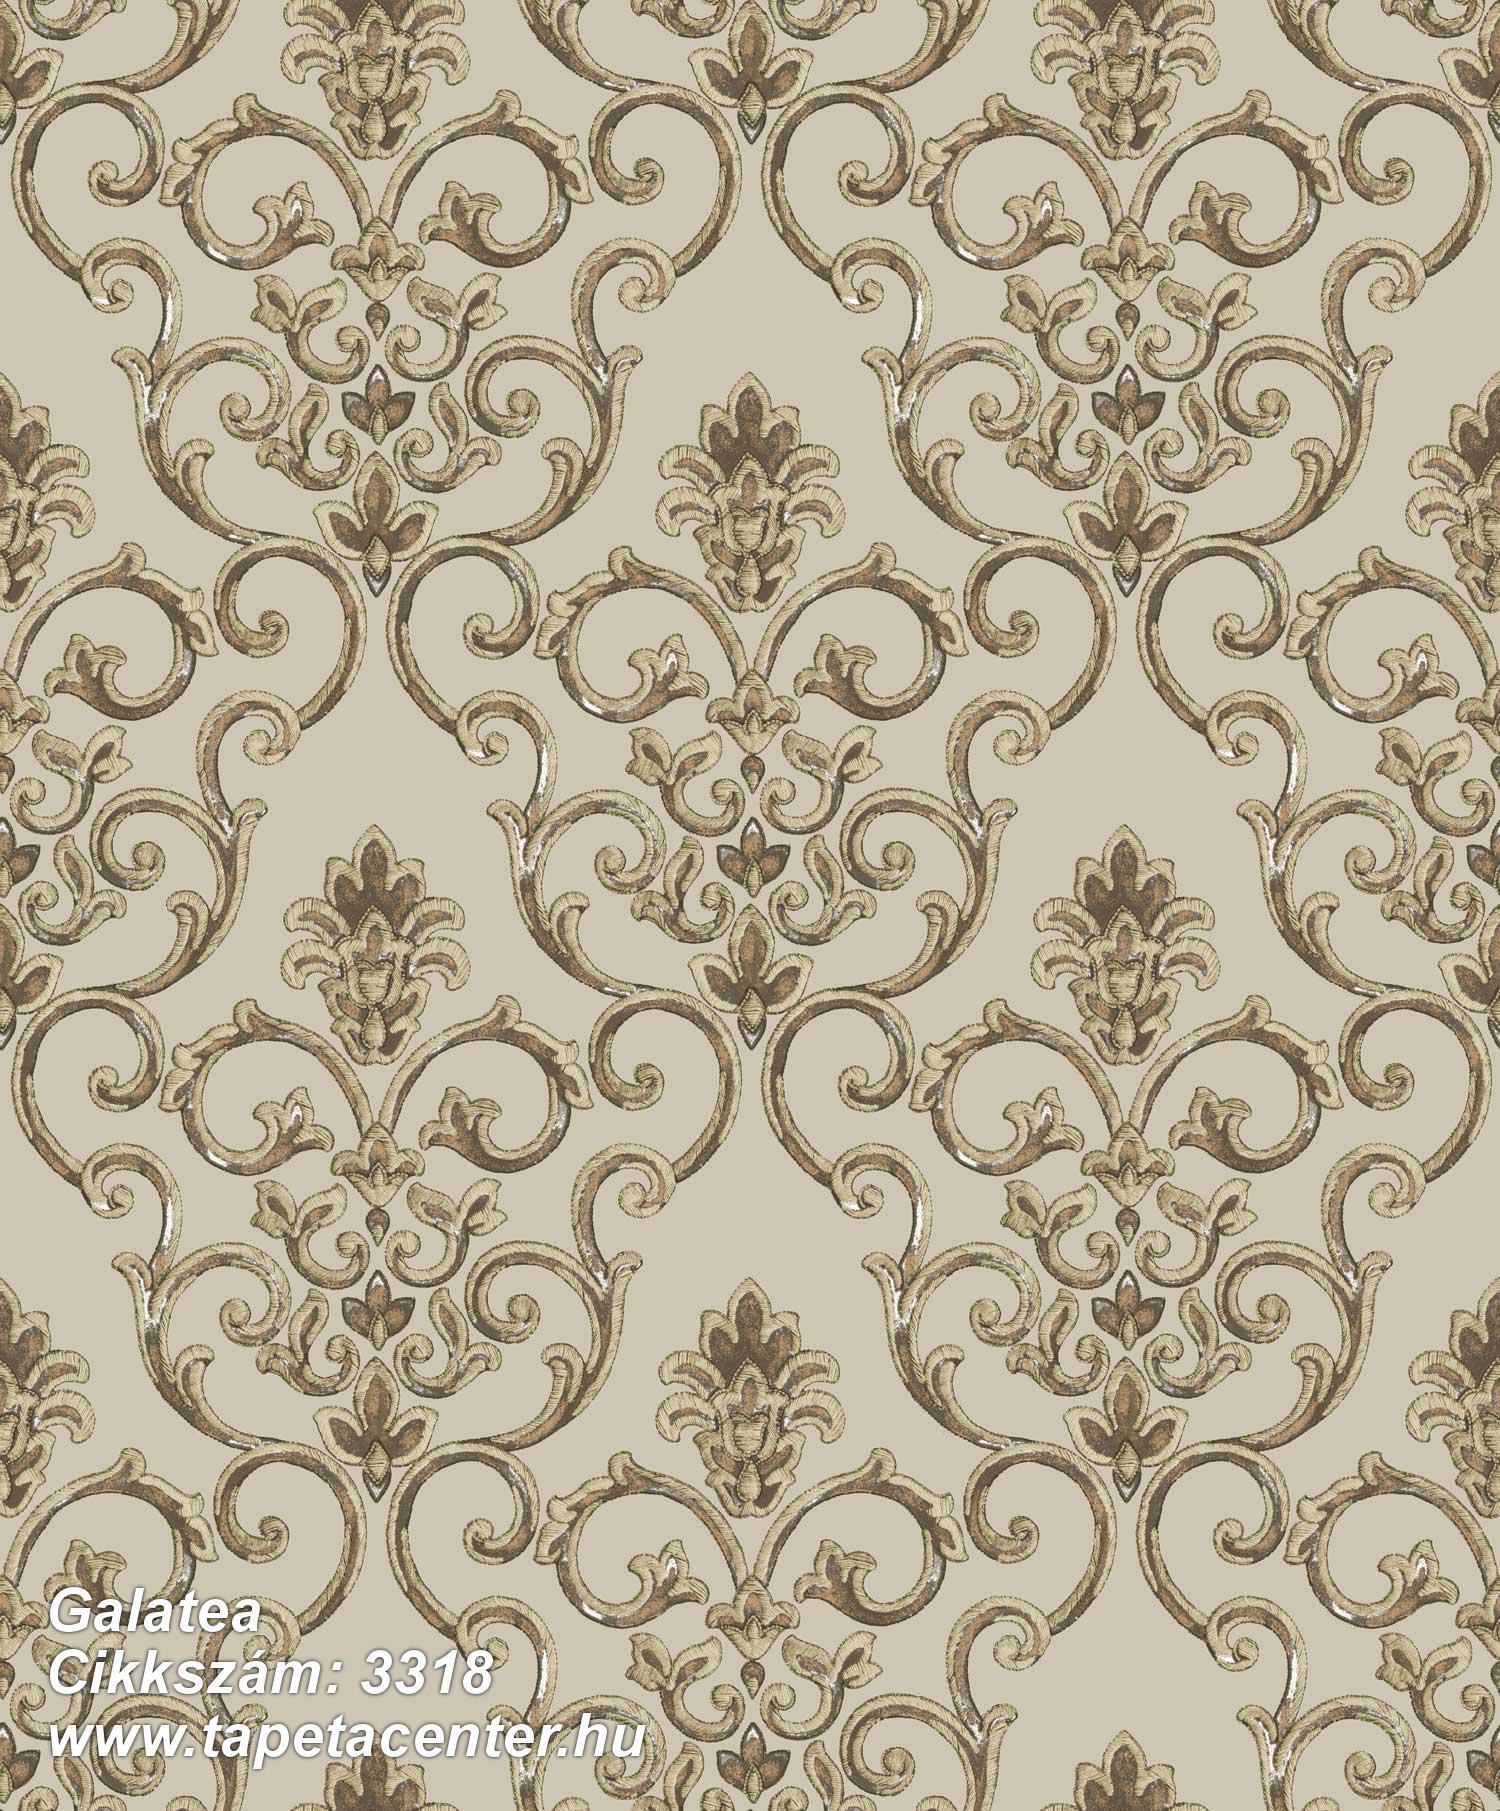 Barokk-klasszikus,csillámos,textil hatású,arany,barna,bézs-drapp,súrolható,vlies tapéta